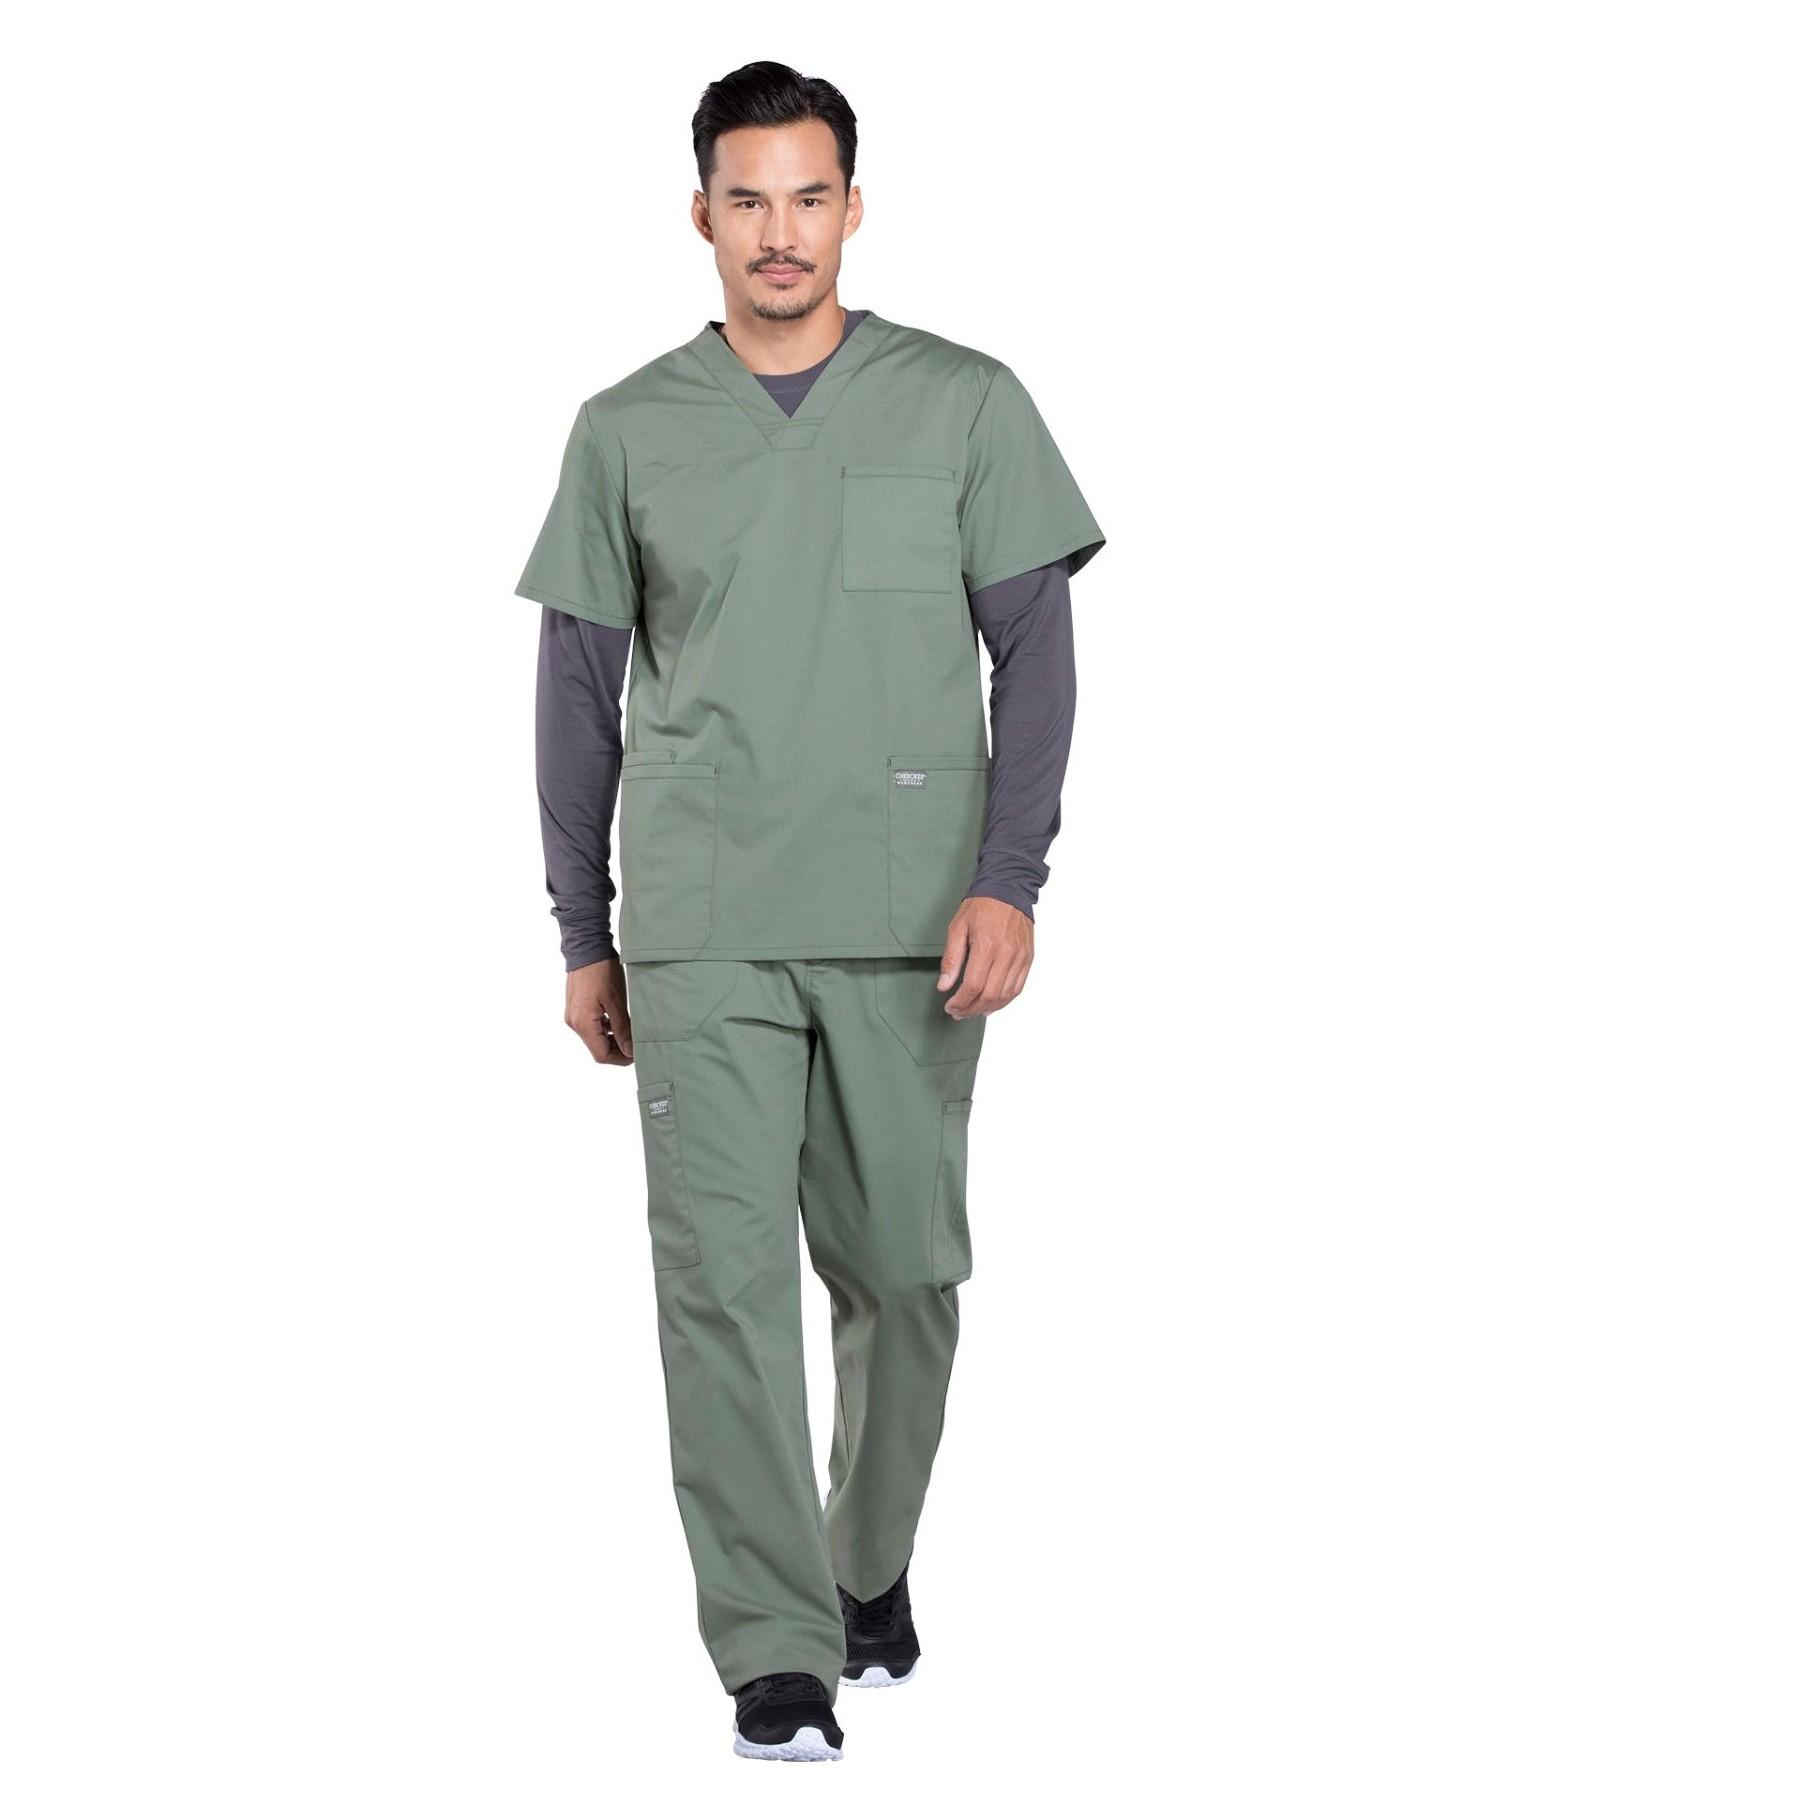 Мужской медицинский костюм Professionals цвет оливковый